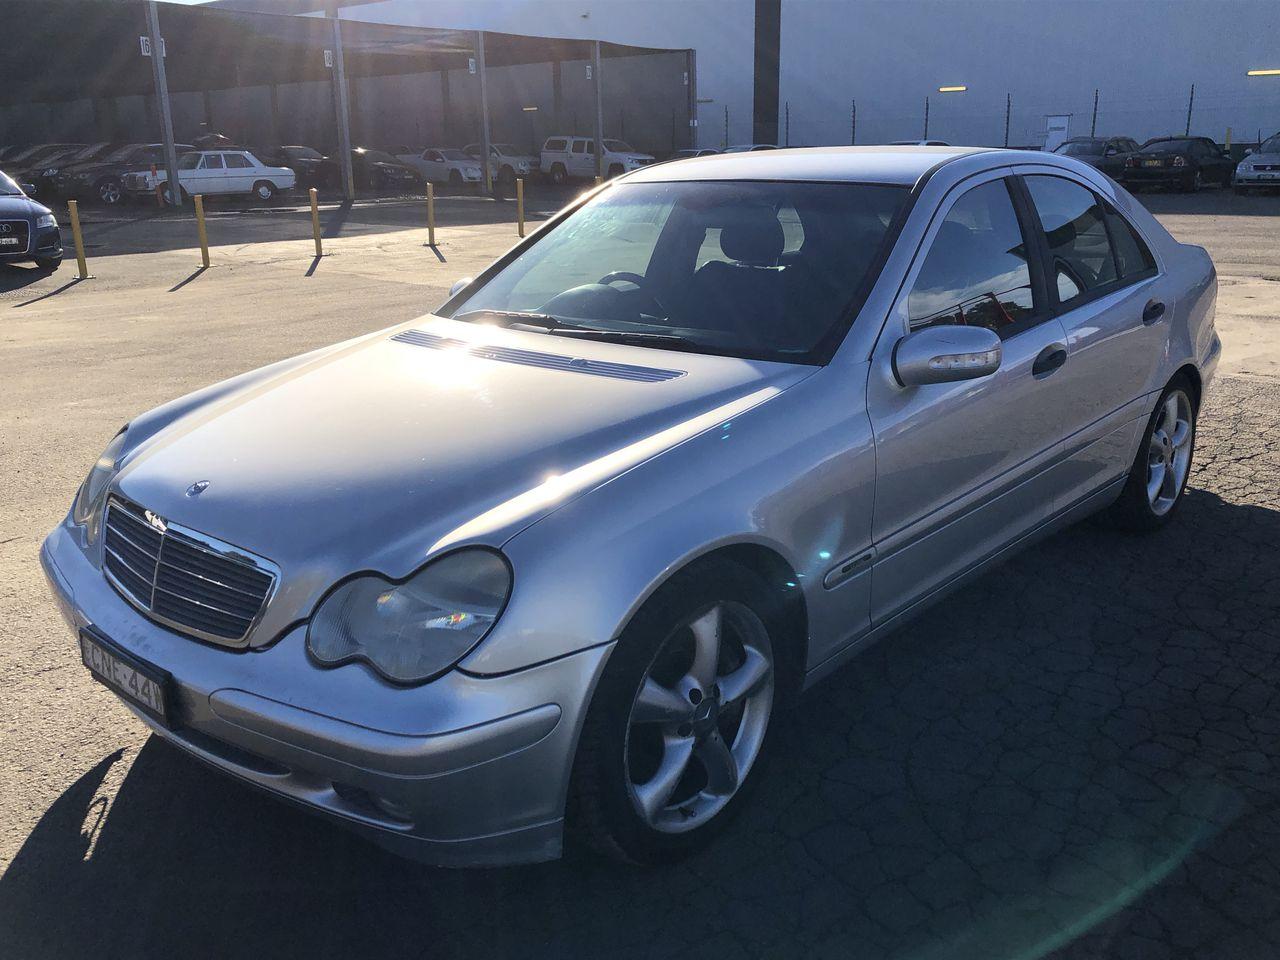 2003 Mercedes Benz C180 Kompressor Classic W203 Automatic Sedan